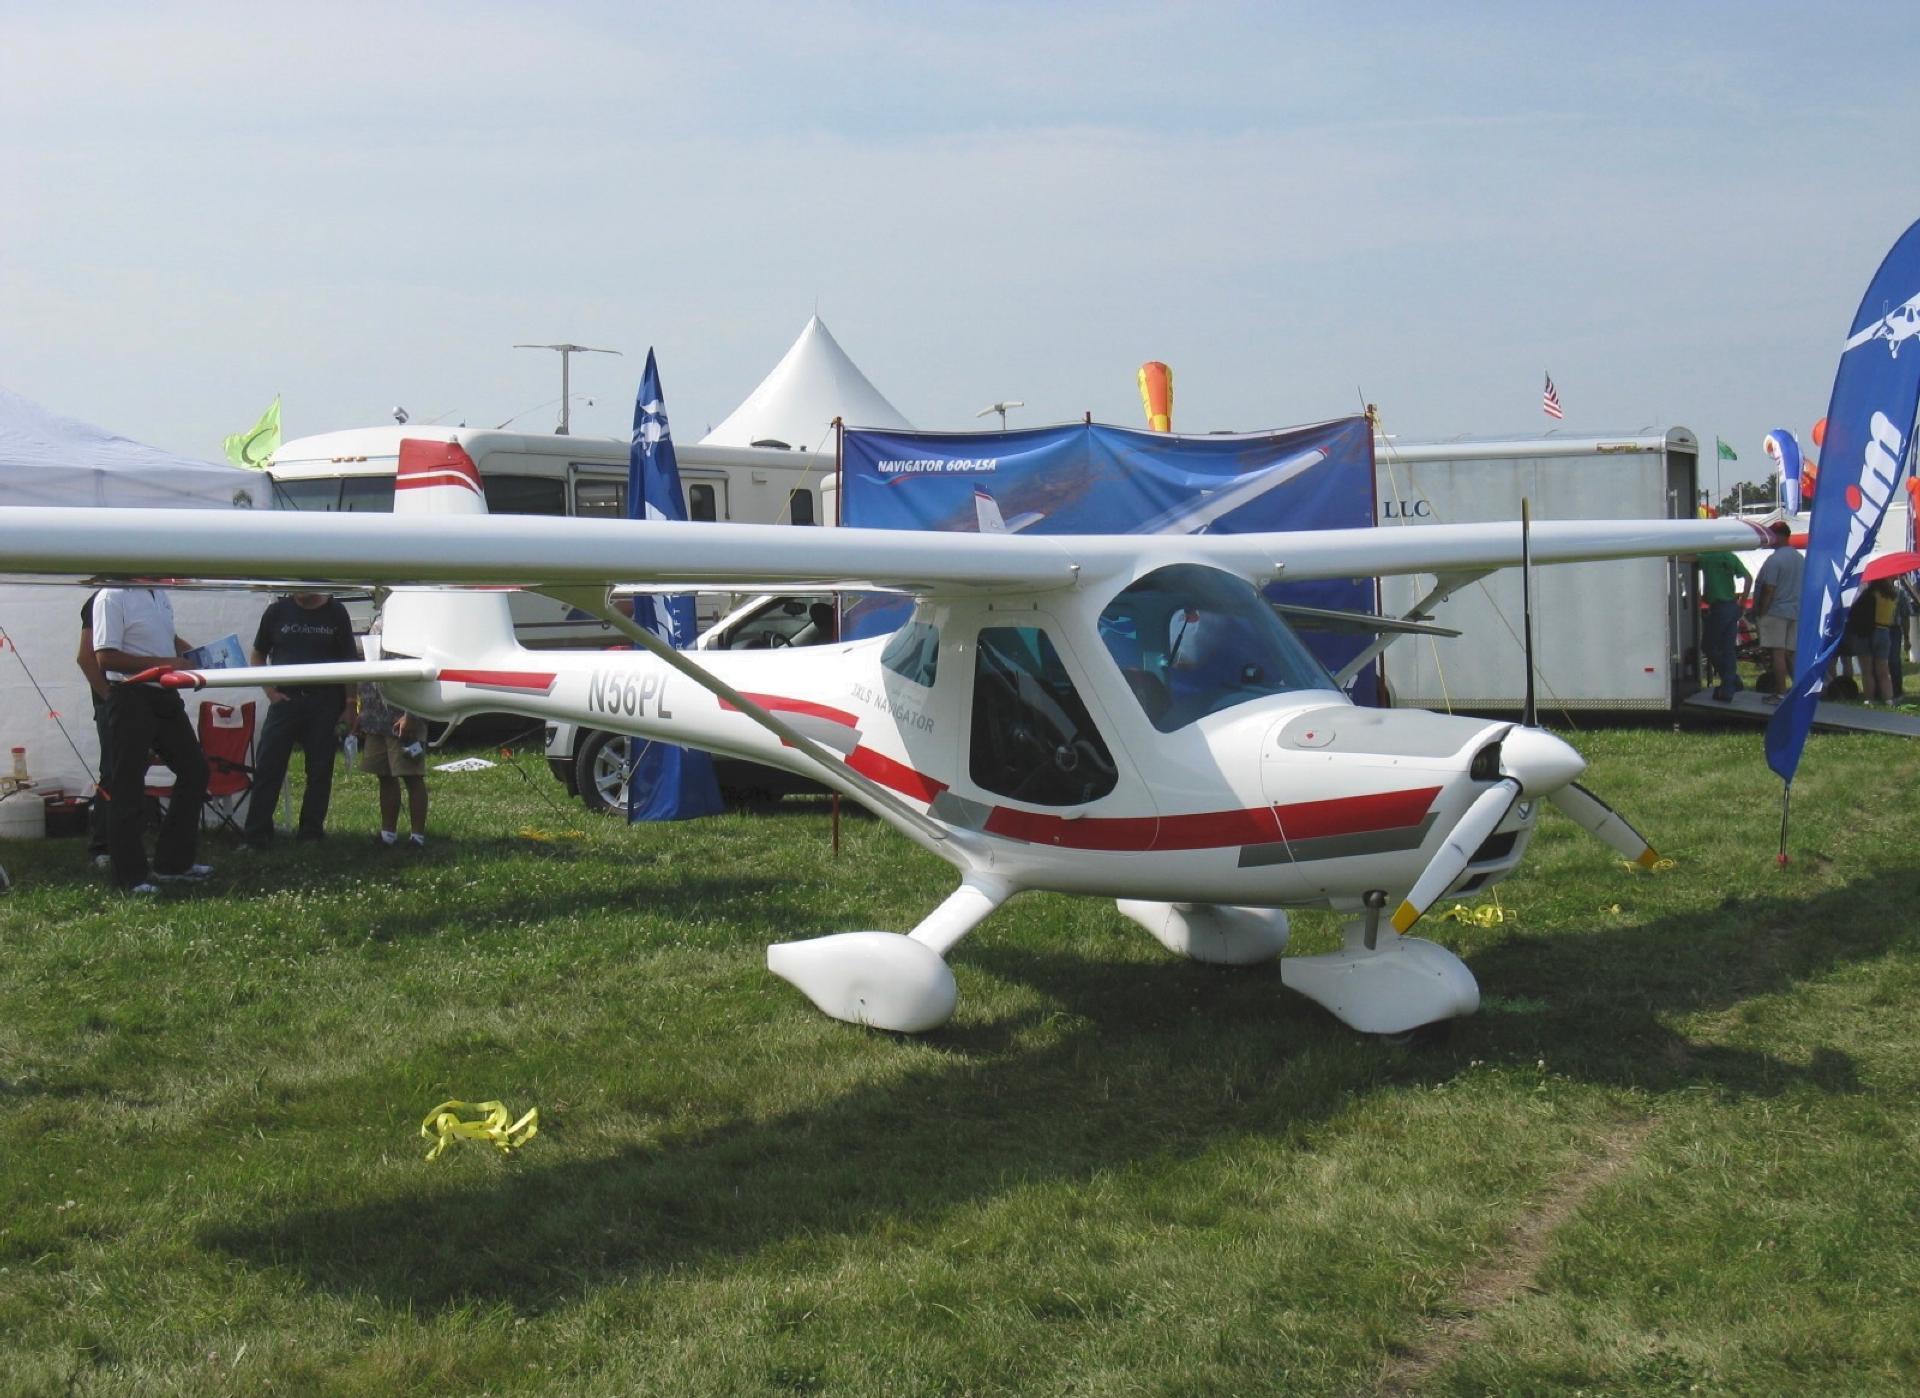 2007 ZAKLADY LOTNICZE 3XTRIM SPZOO 3XLS NAVIGATOR 600